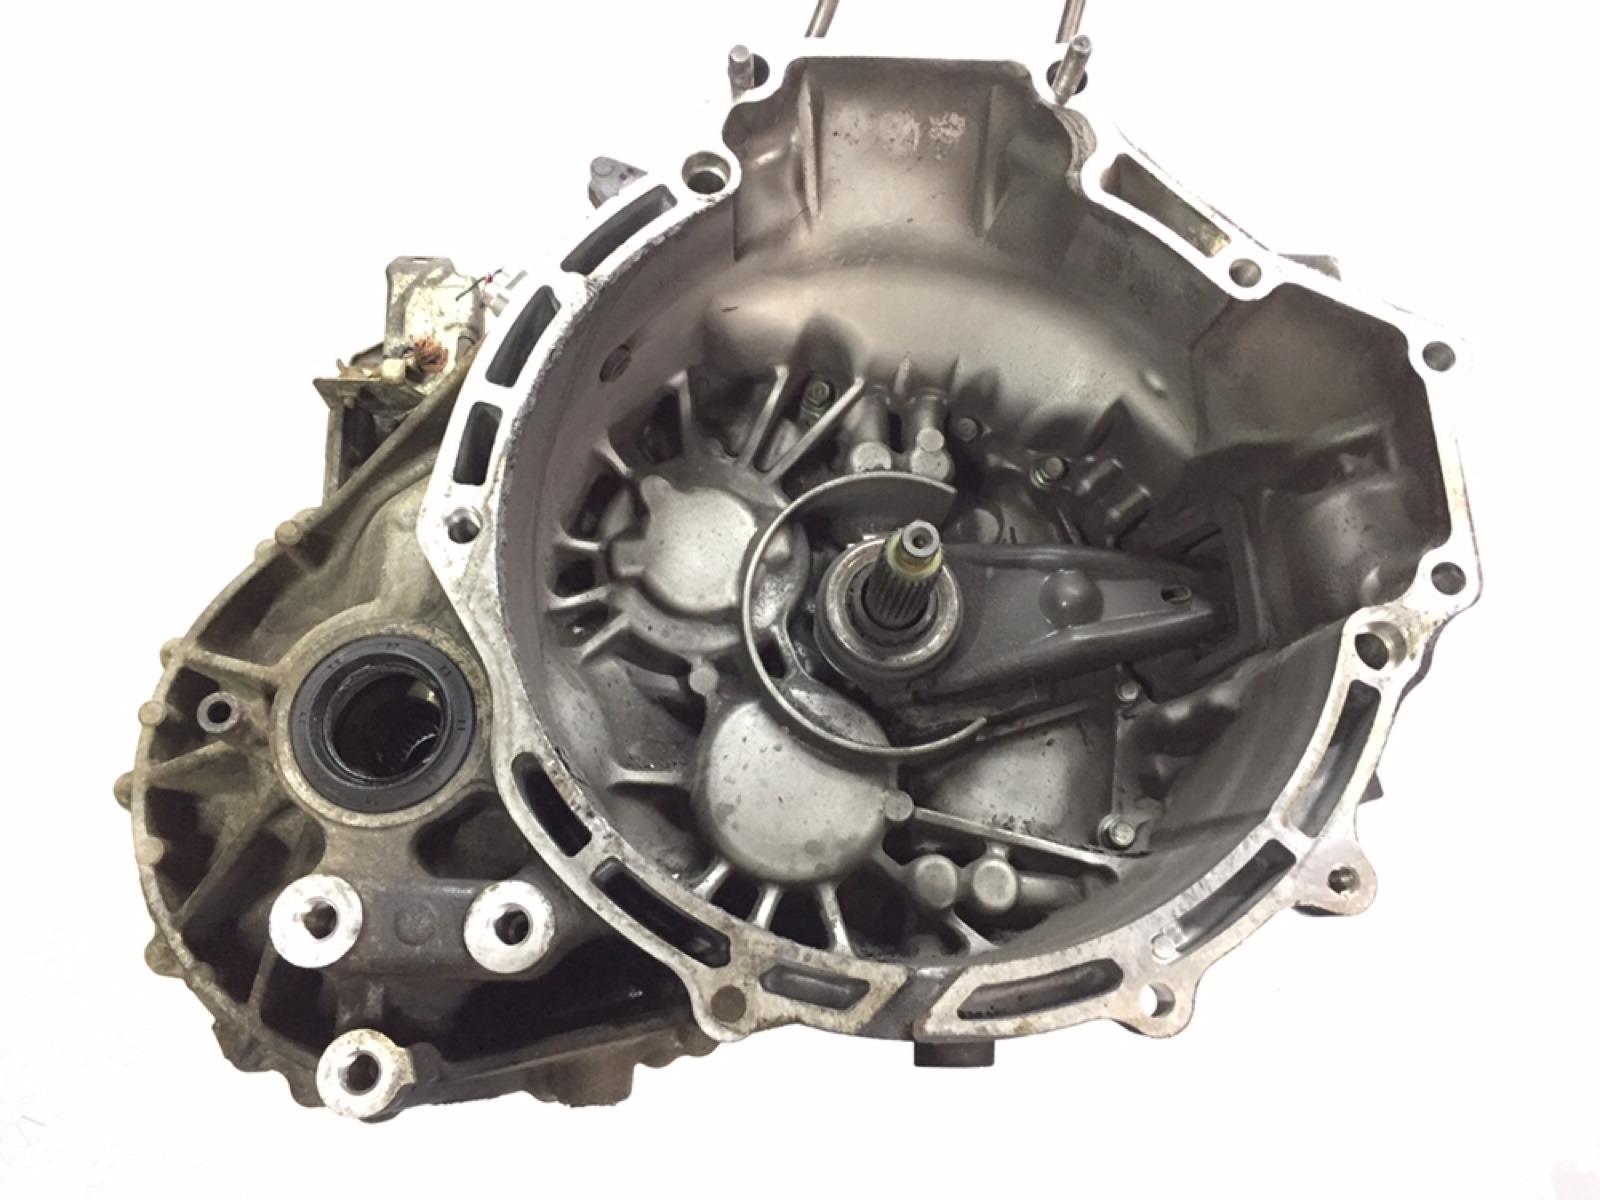 Кпп механическая (мкпп) Mazda 5 2.0 TDI 2006 (б/у)